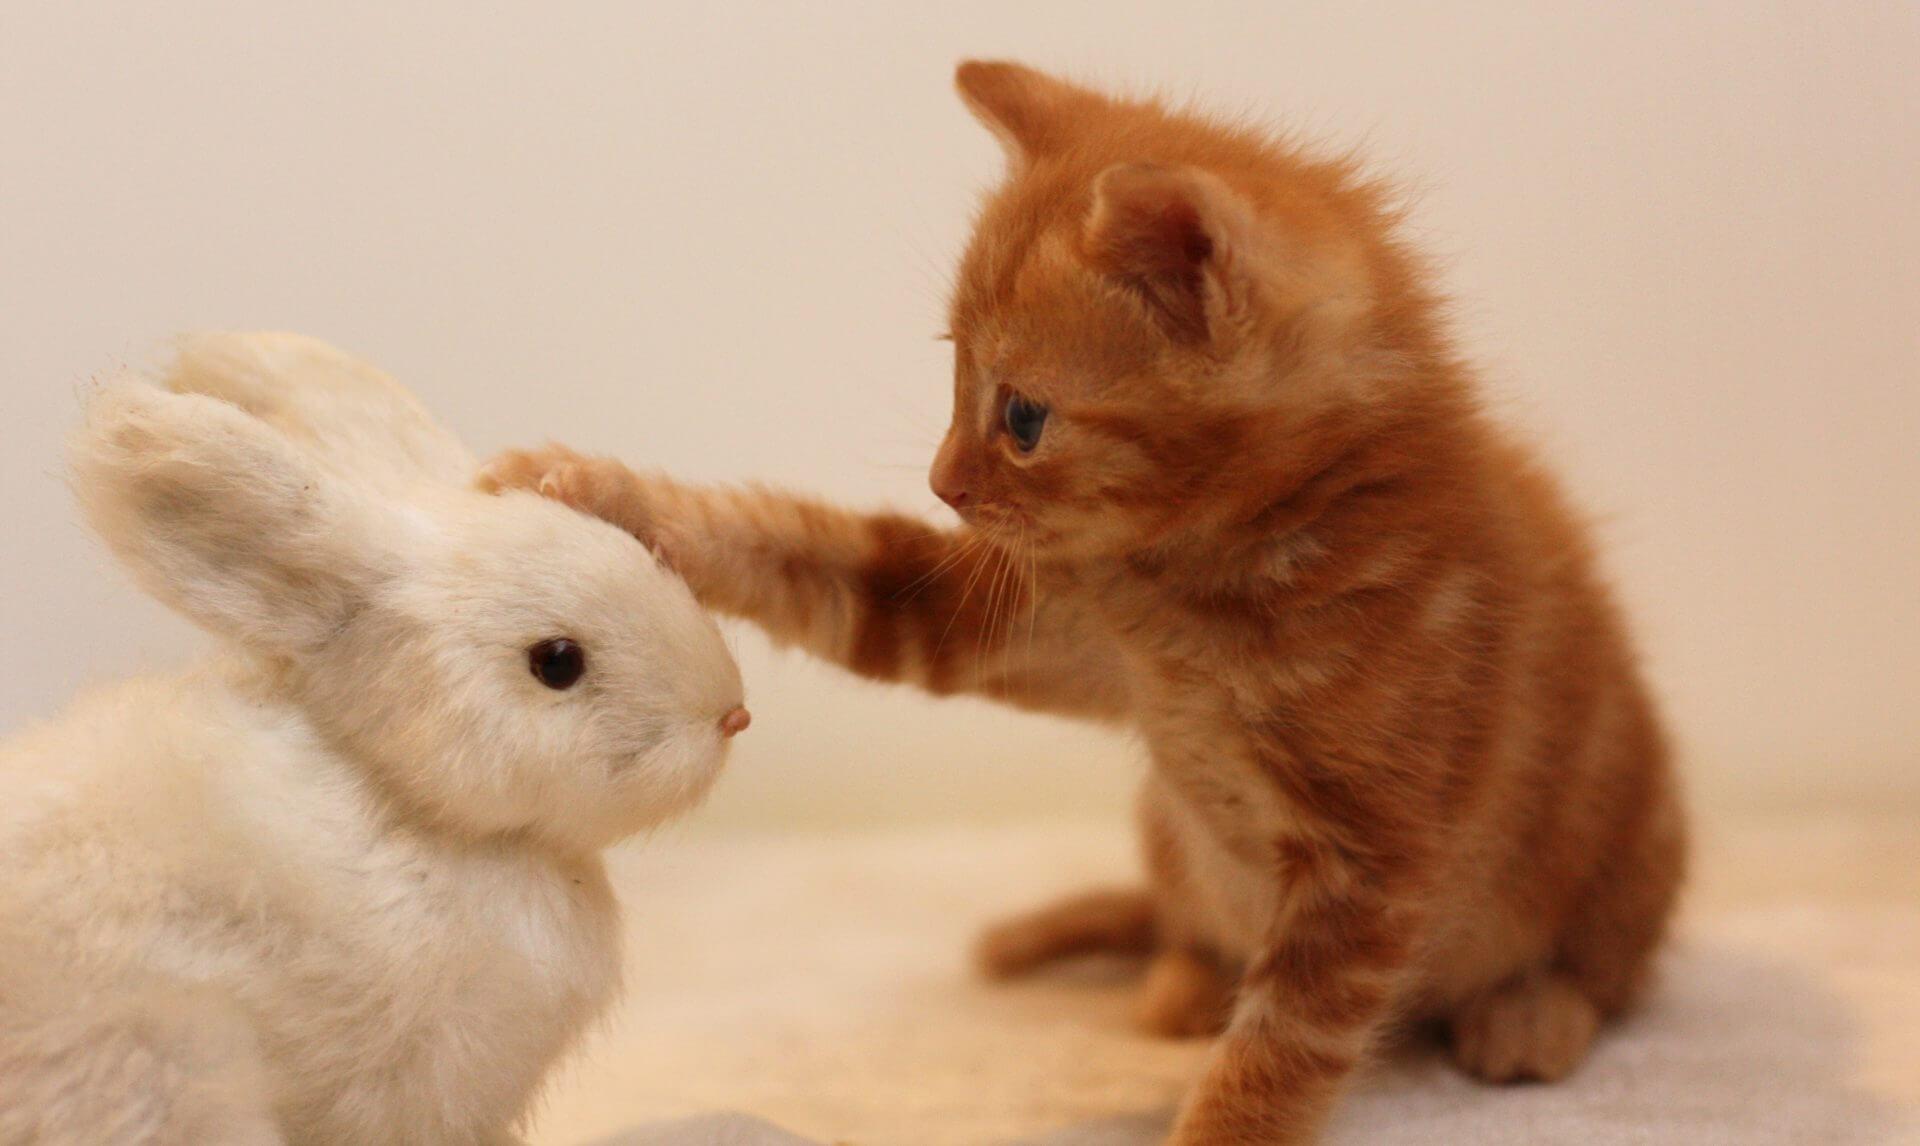 「可愛い 動物」の画像検索結果